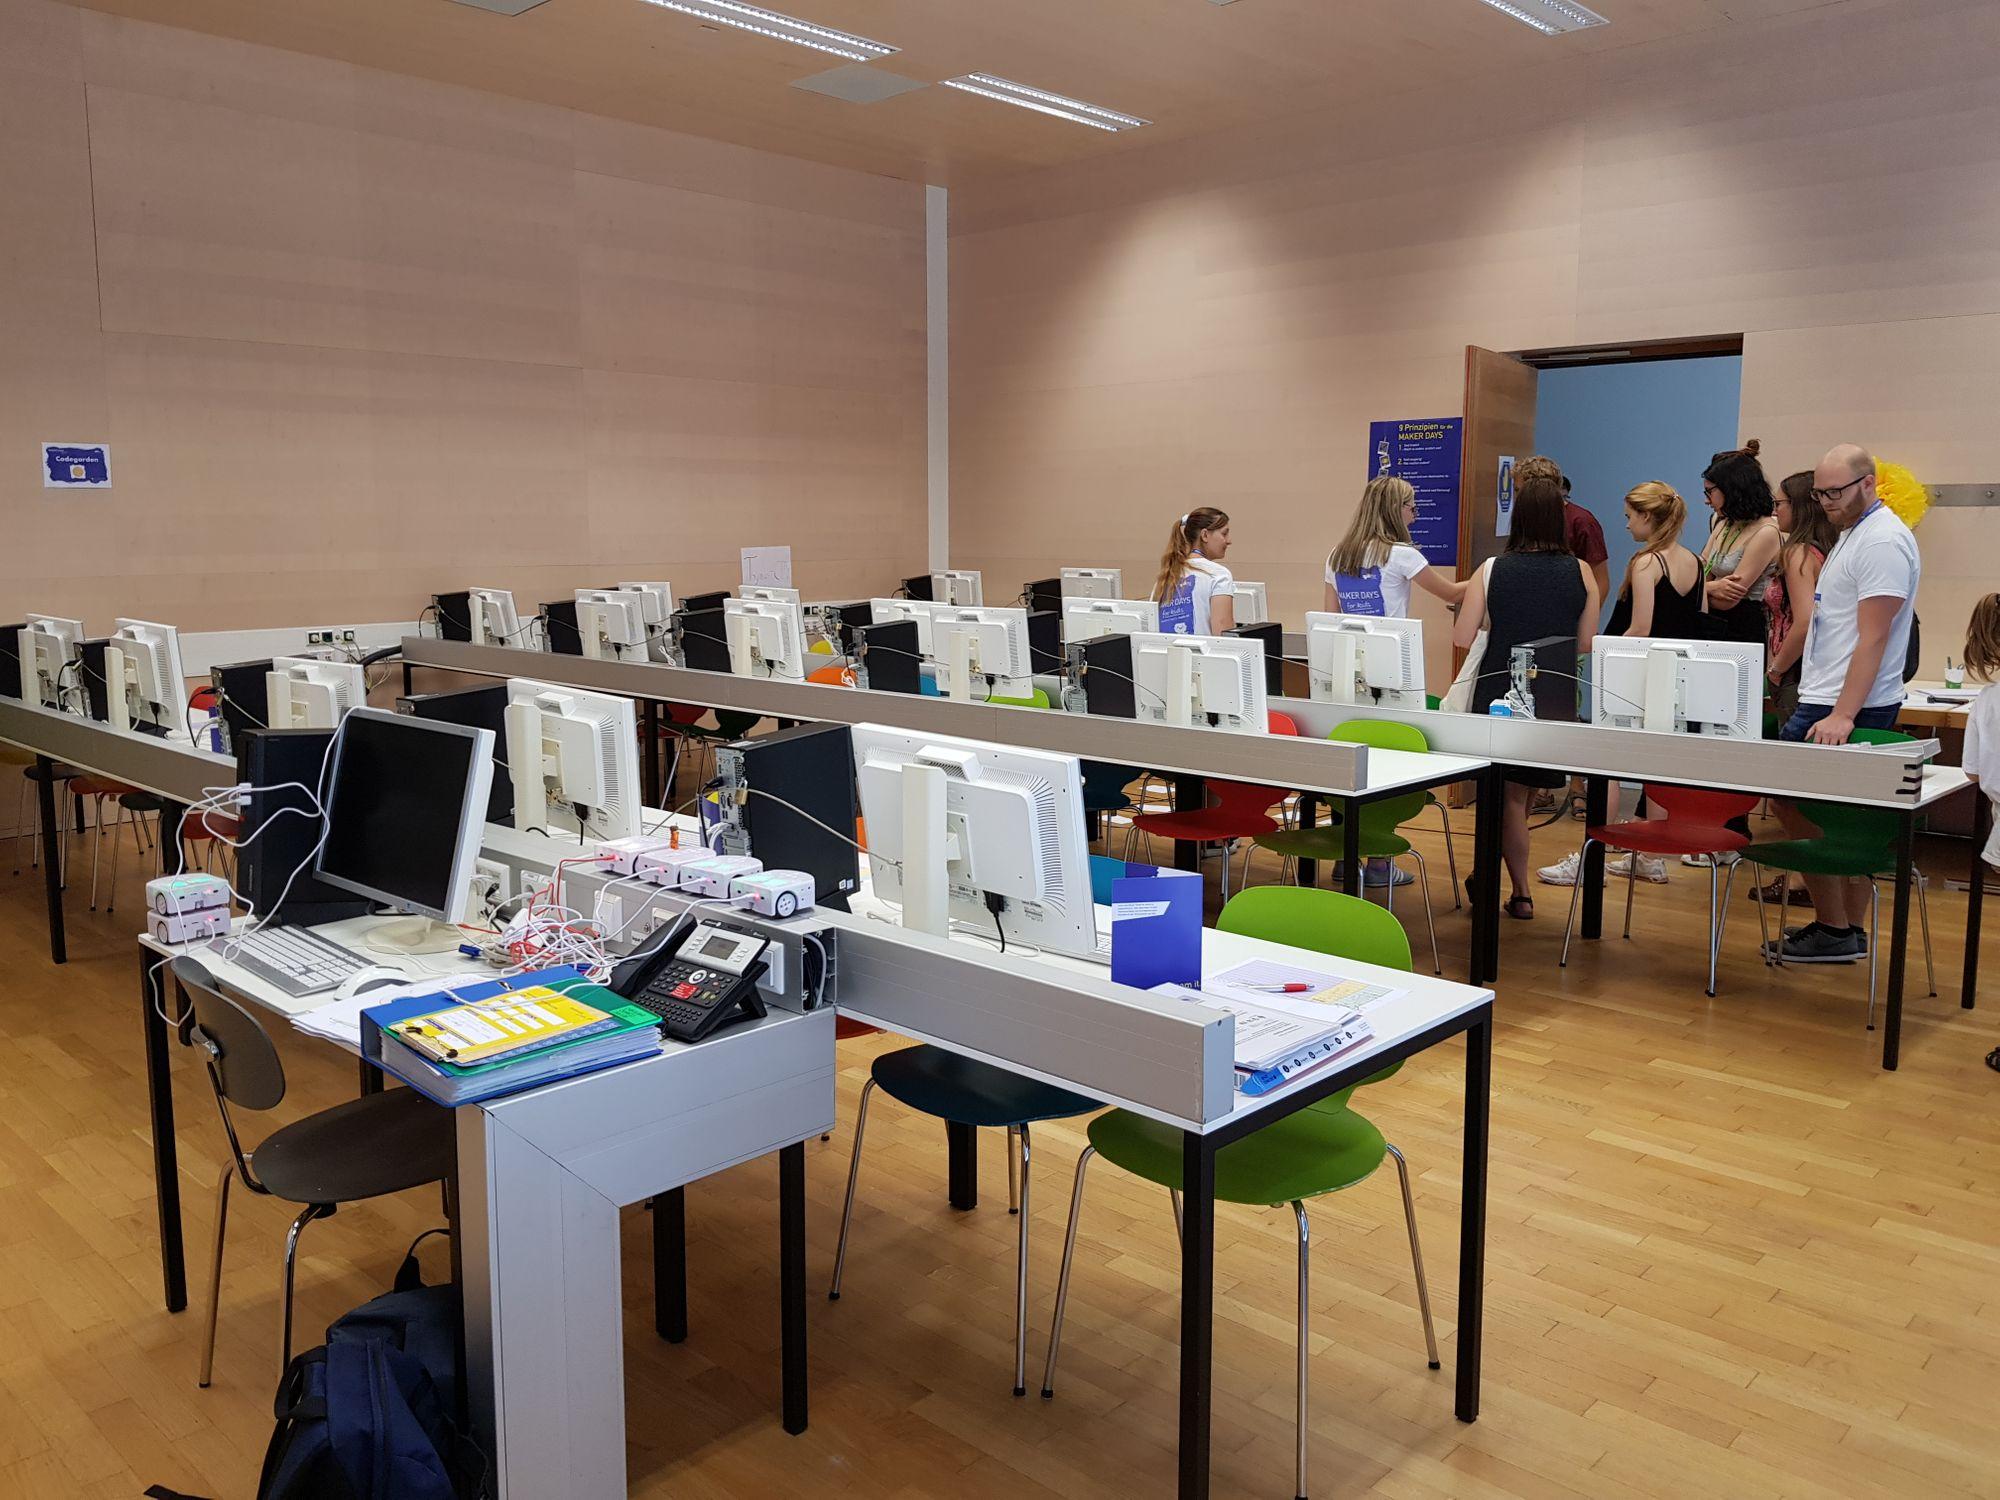 Tische mit Computer drauf, bereit für die Programmierprojekte der Kinder.